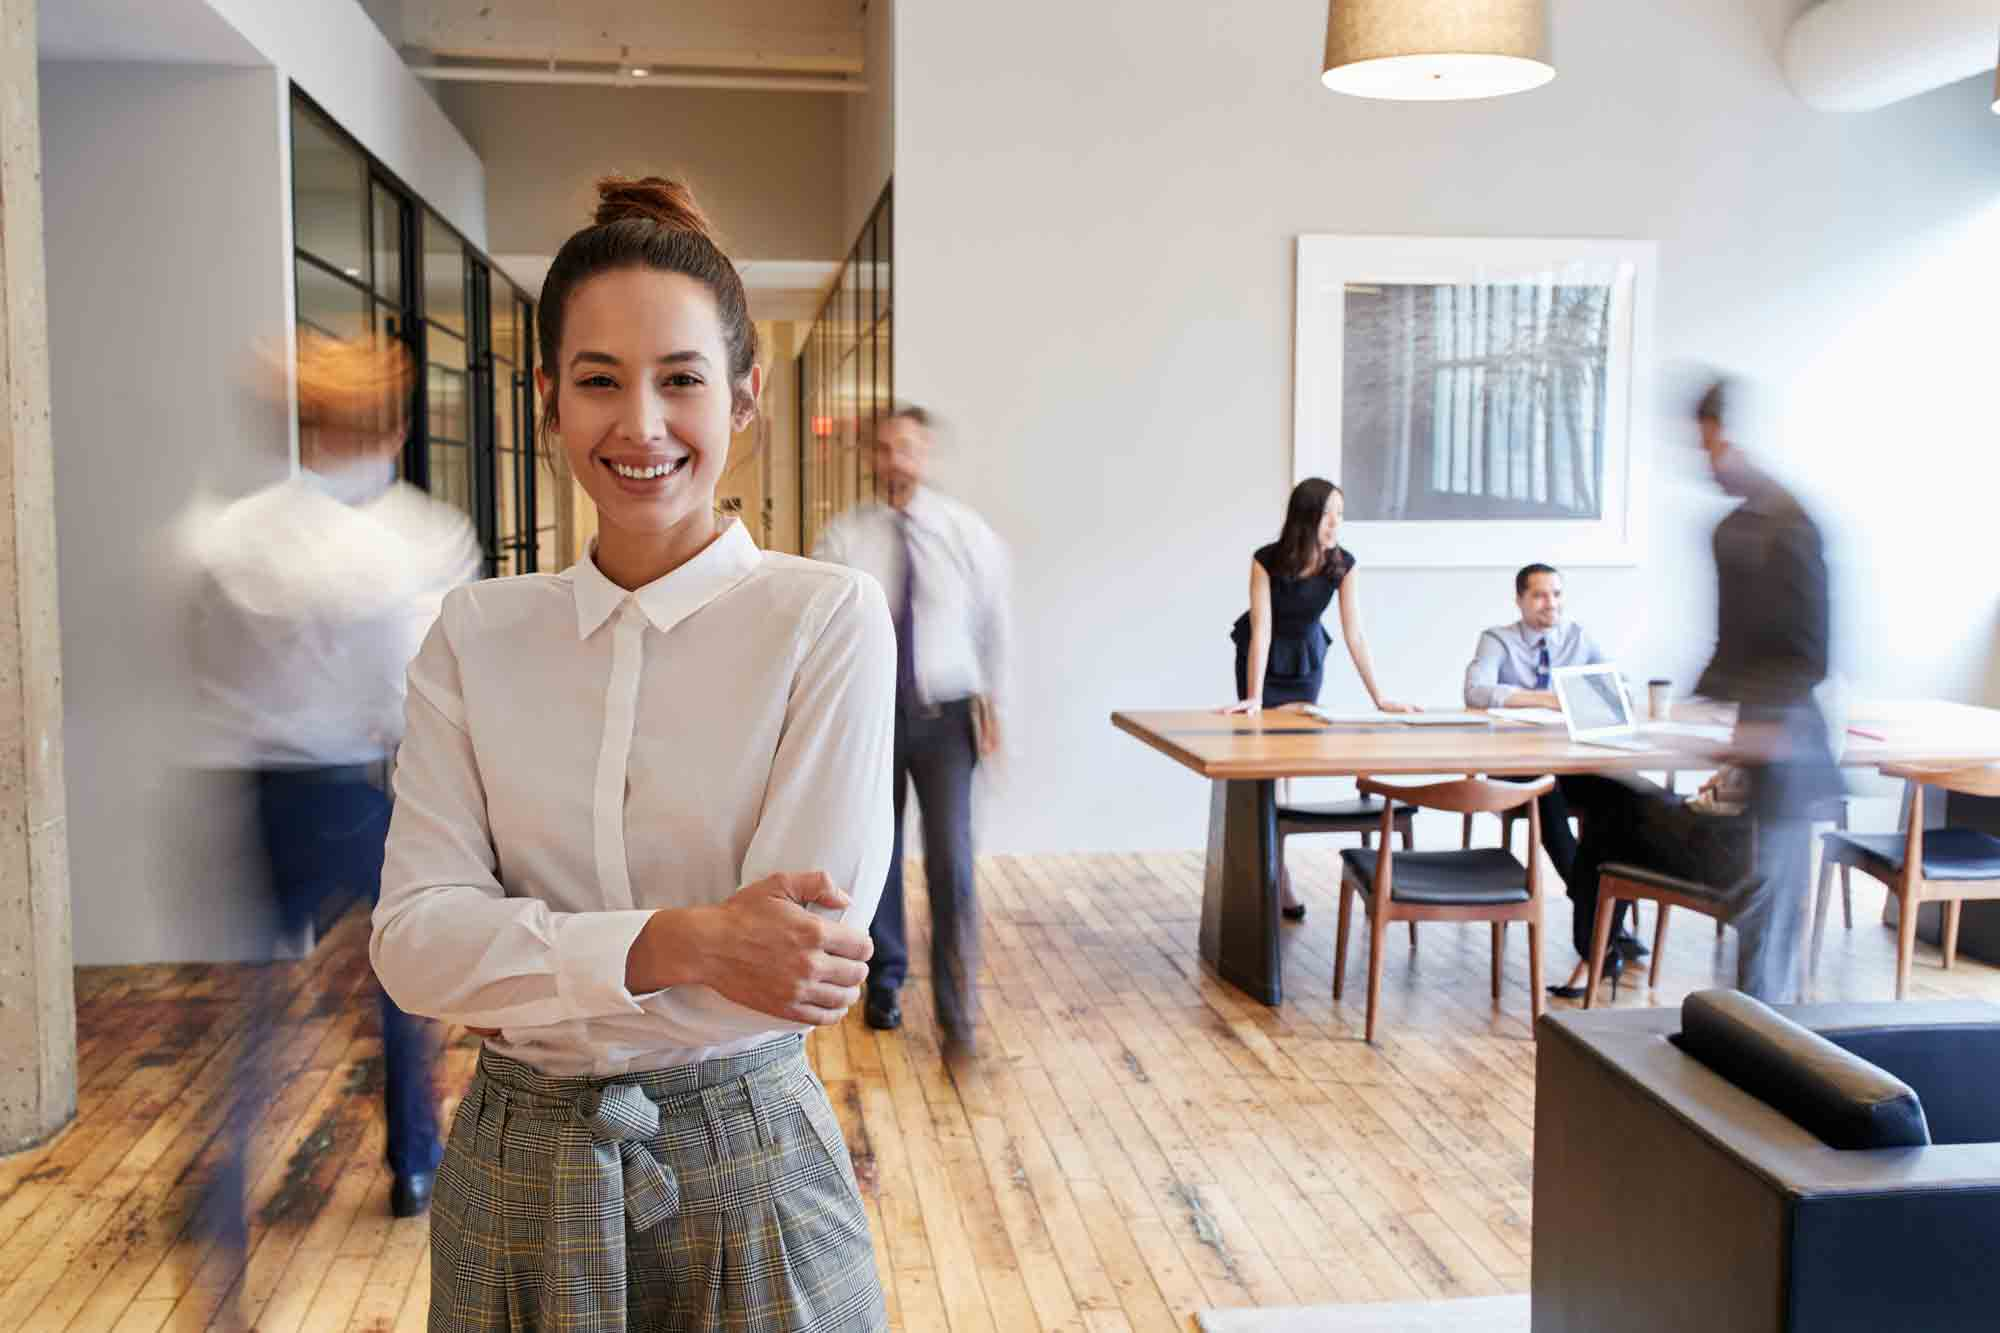 Cómo ser feliz en el trabajo: 5 claves fáciles